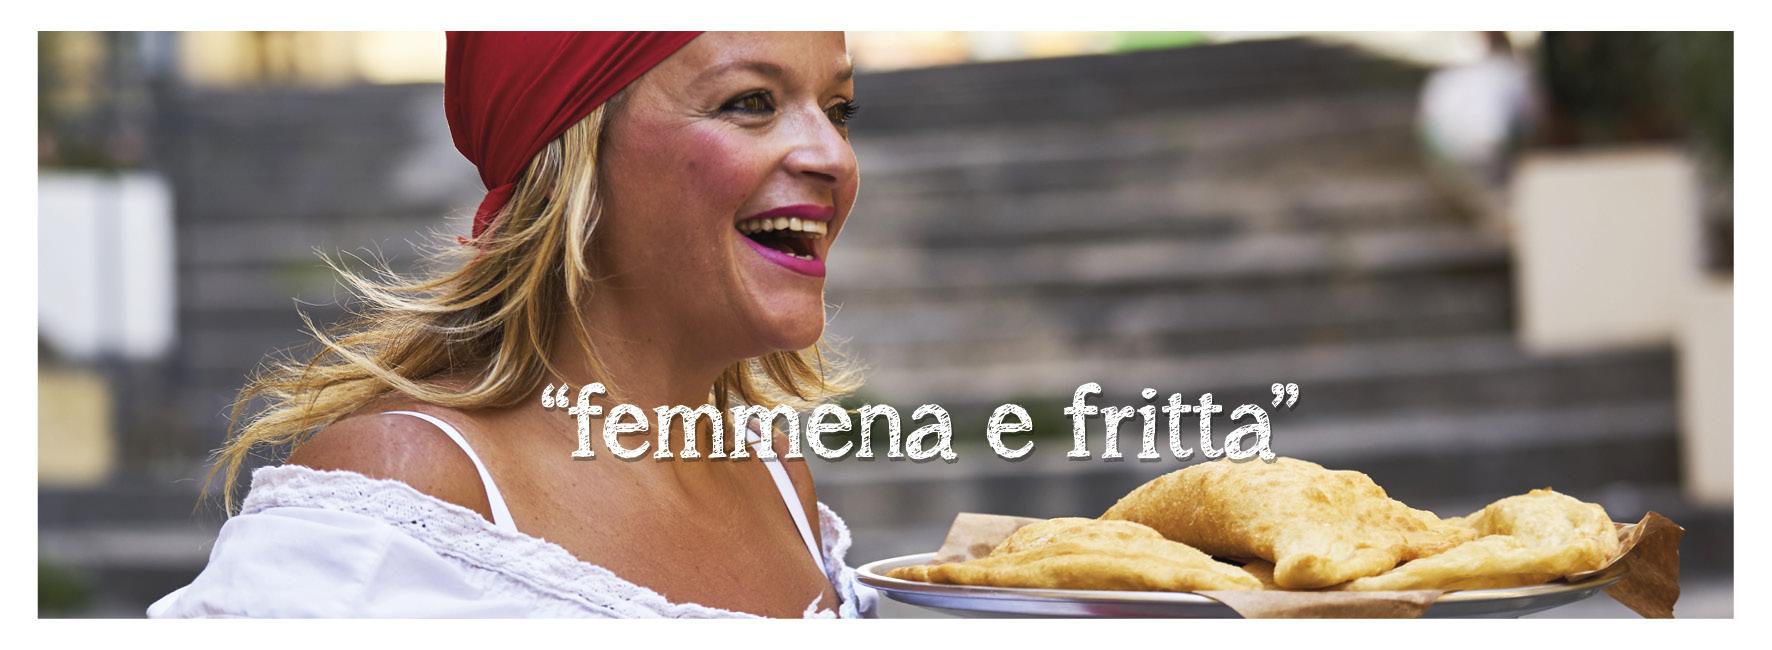 femmena-e-fritta-teresa-iorio-pizza